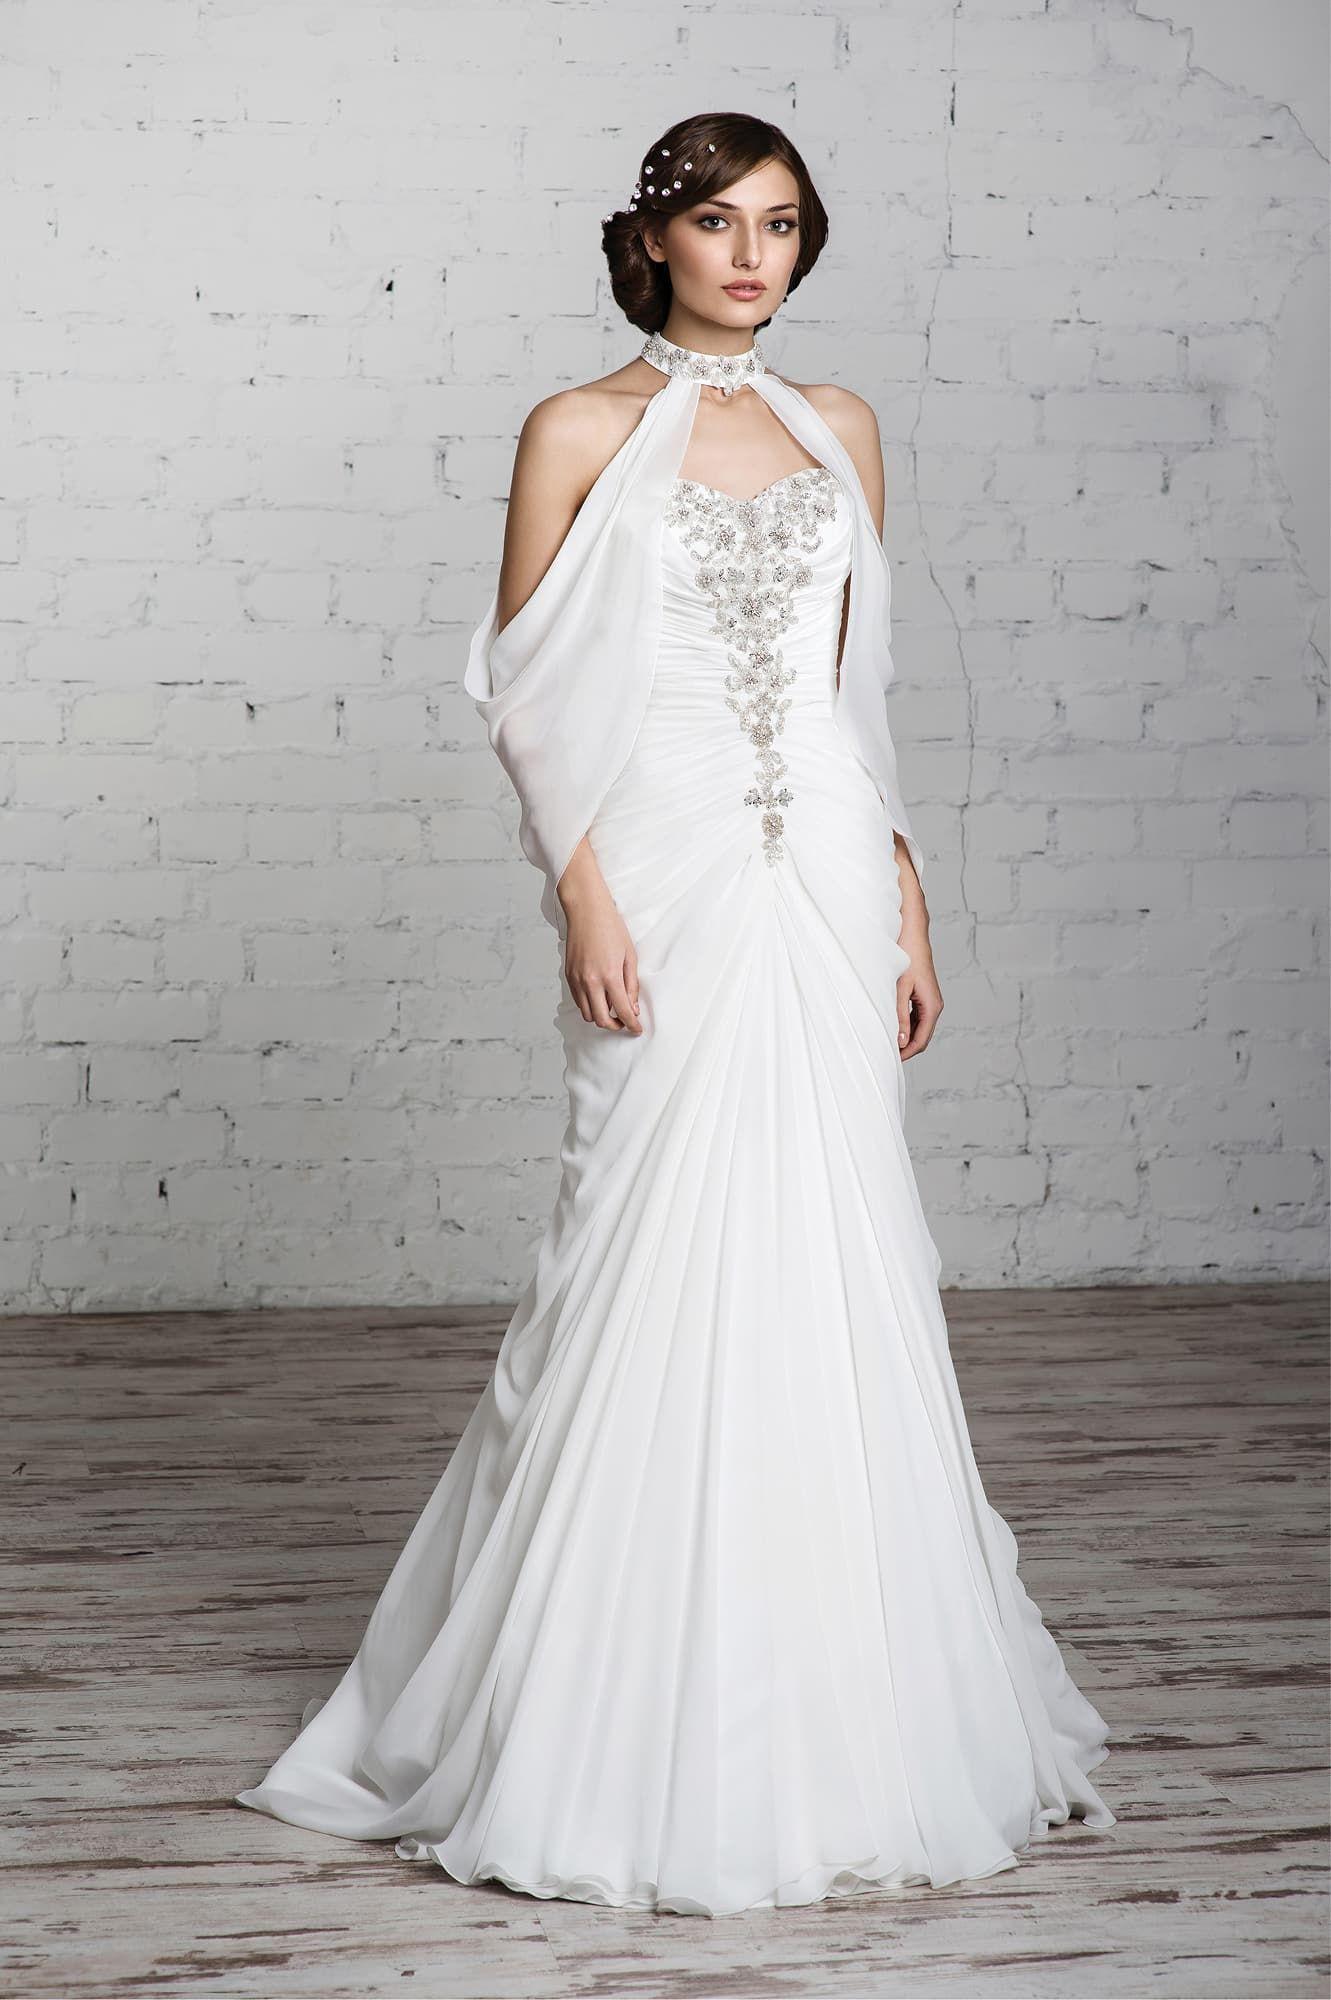 a60f999a027 Свадебное платье Natalia Romanova Коринн ▷ Свадебный Торговый Центр Вега в  Москве